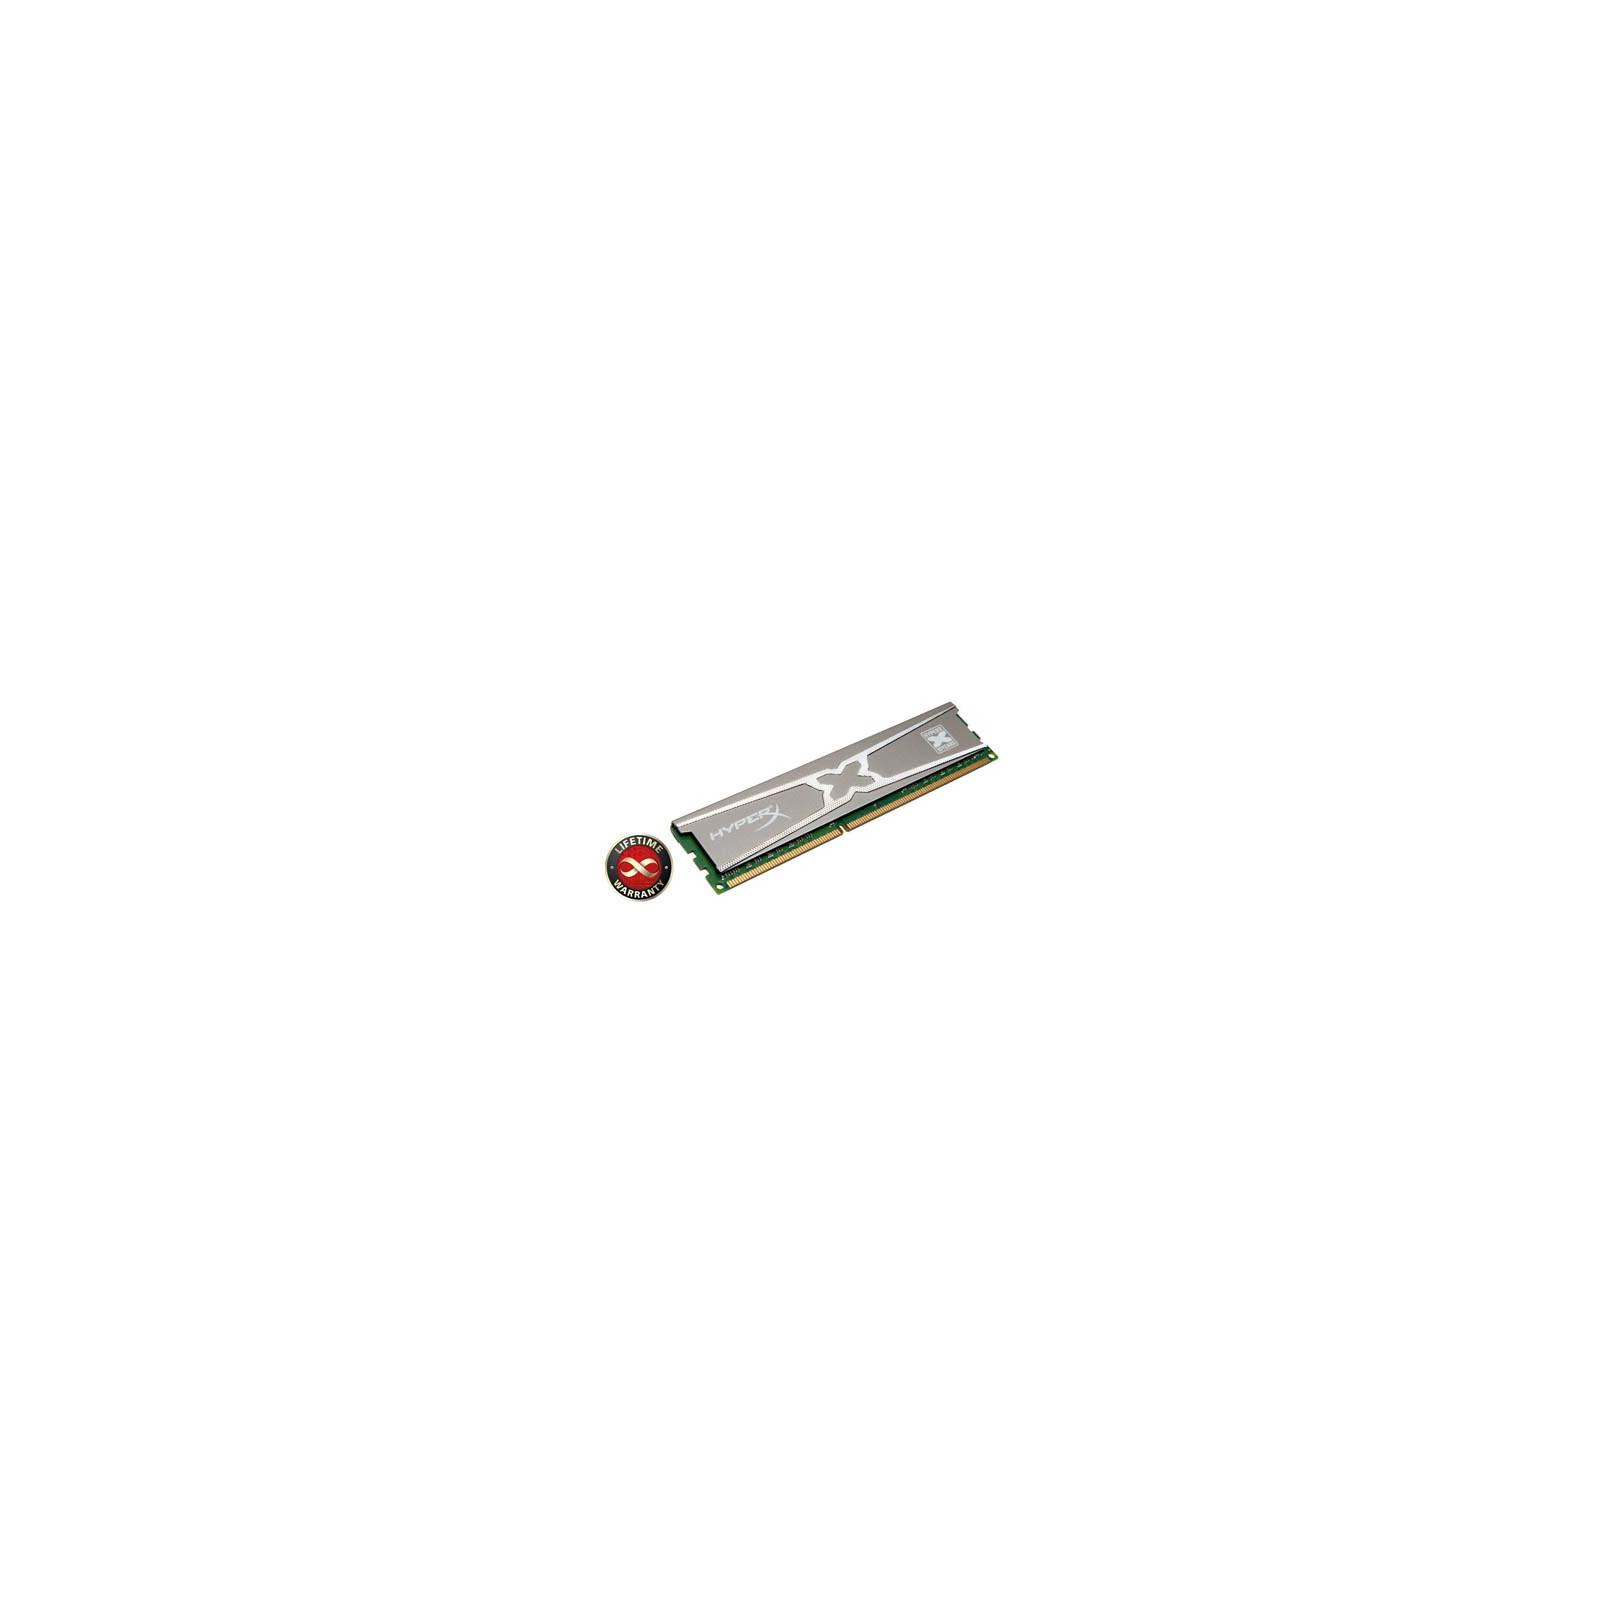 Модуль памяти для компьютера DDR3 8GB 1600 MHz Kingston (KHX16C9X3/8)